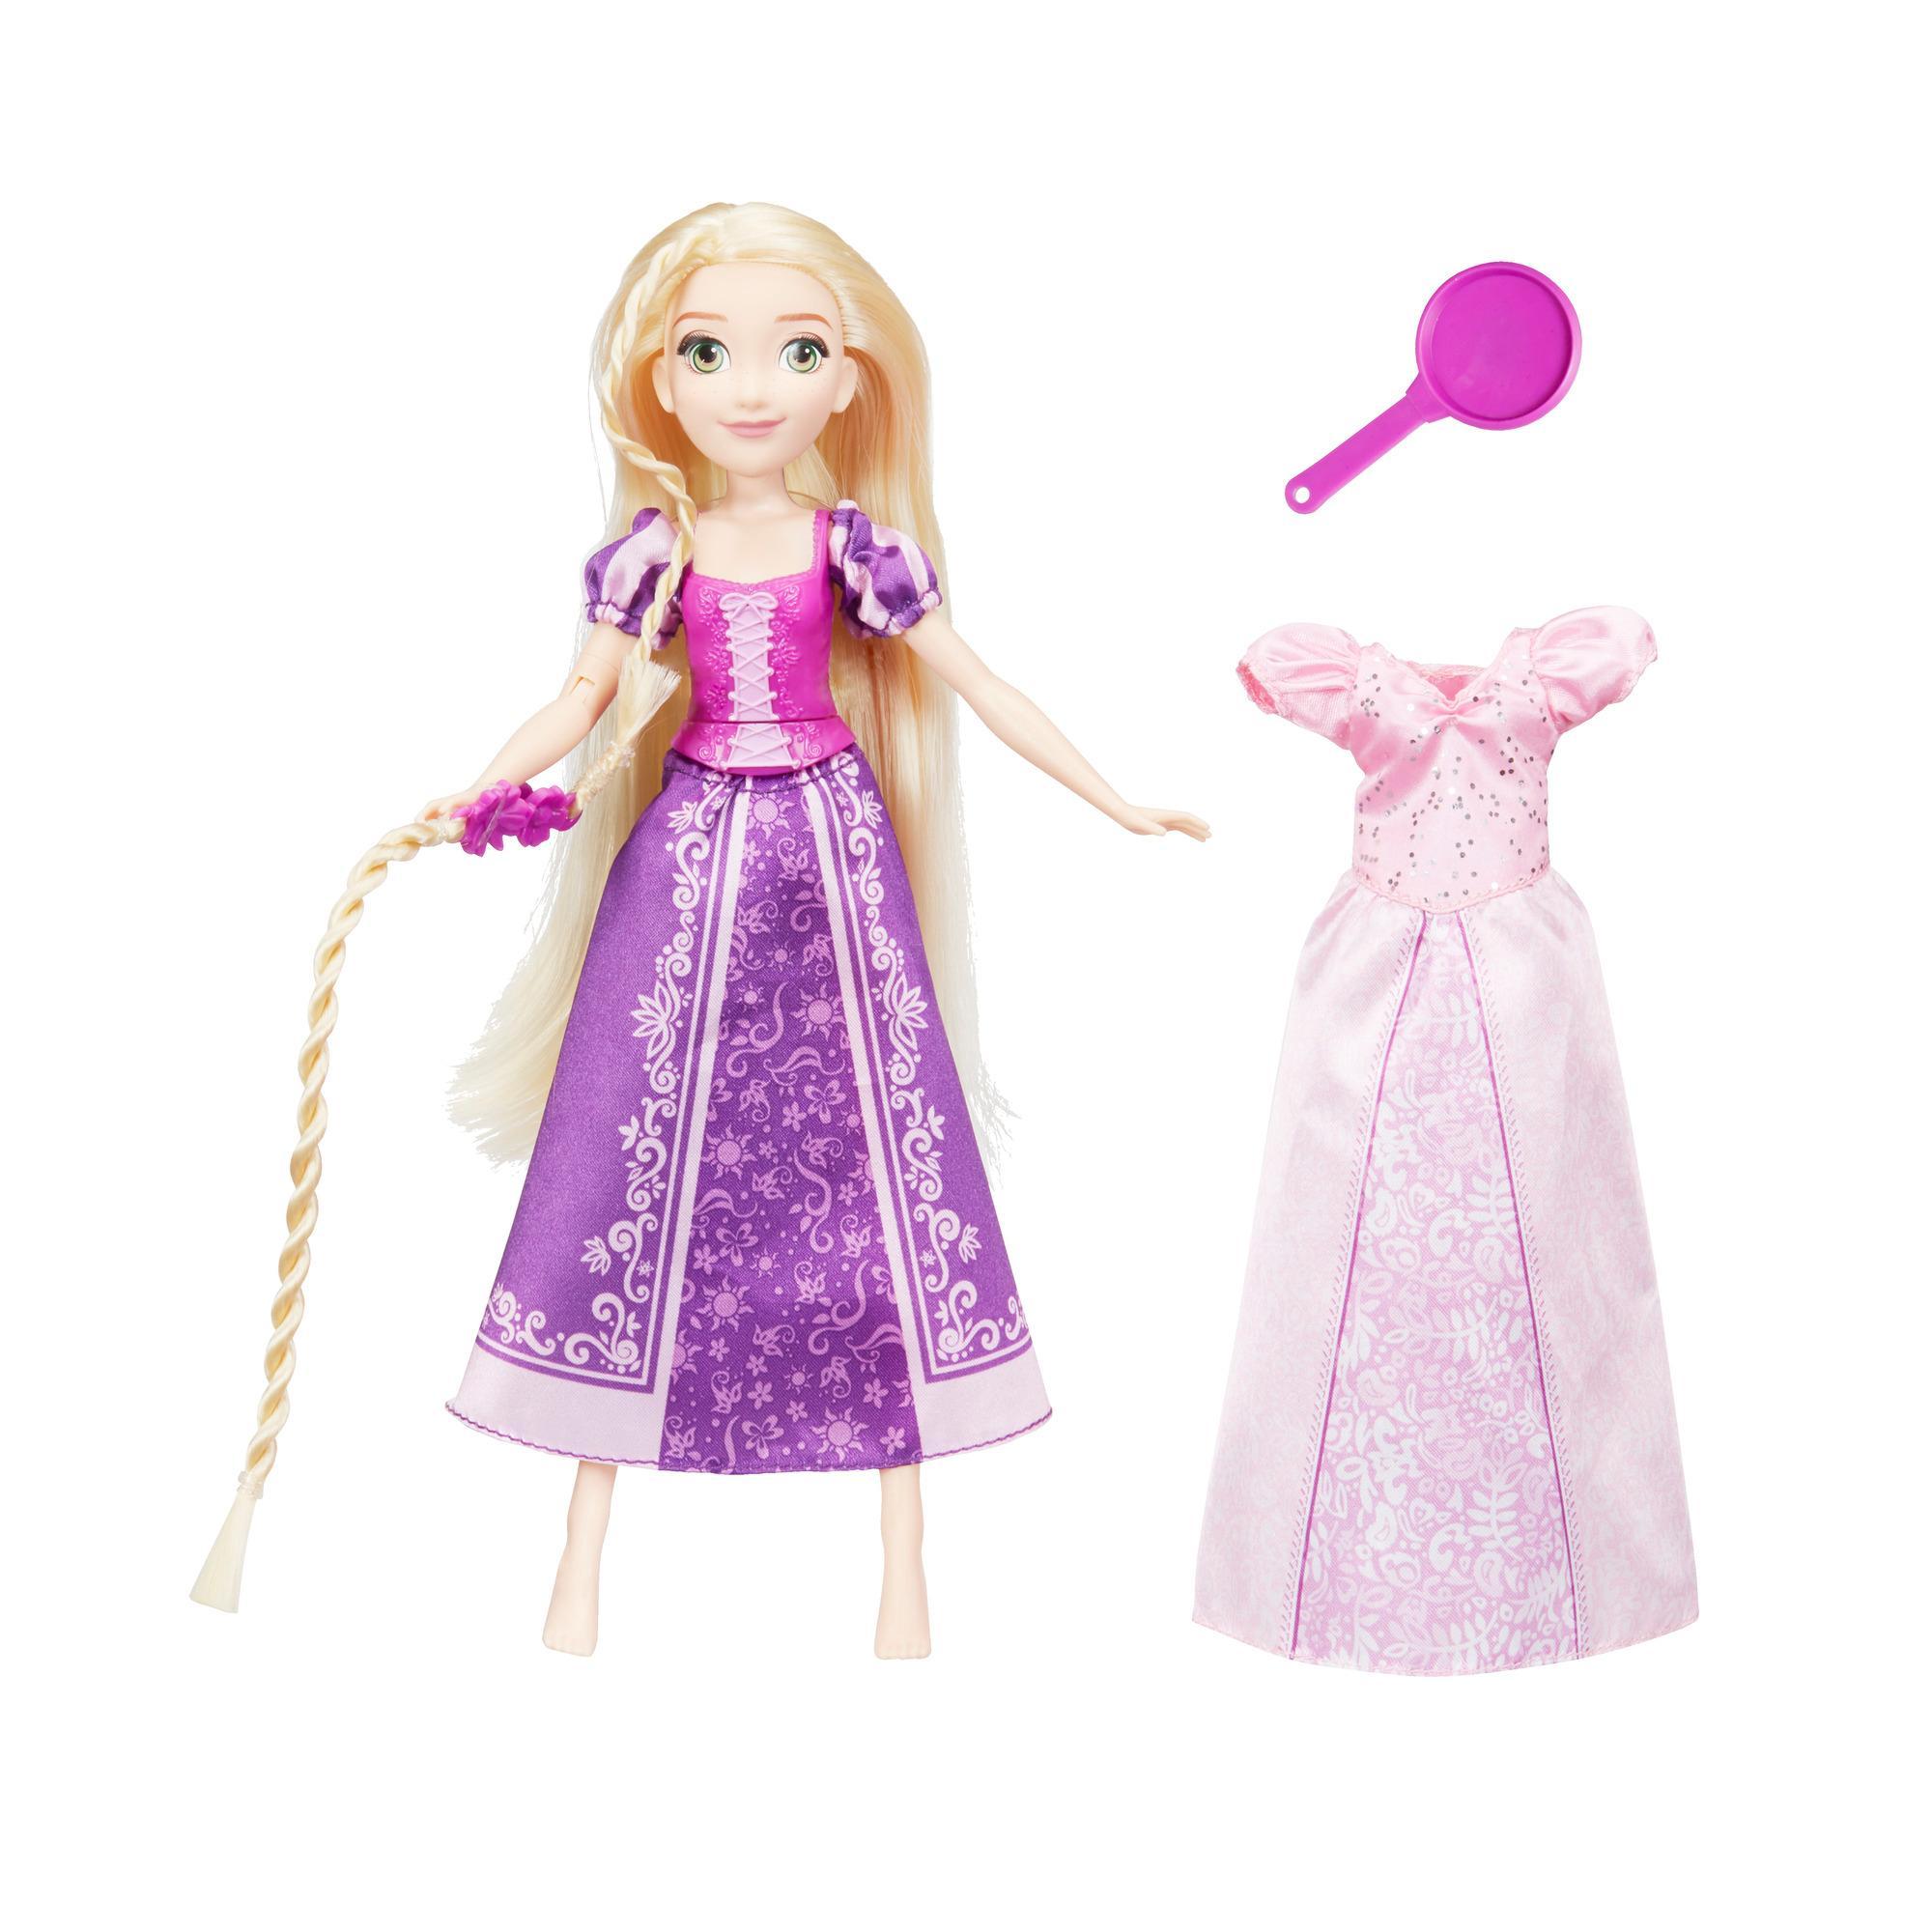 Кукла Принцессы Дисней Делюкс Рапунцель DISNEY PRINCESS E2068